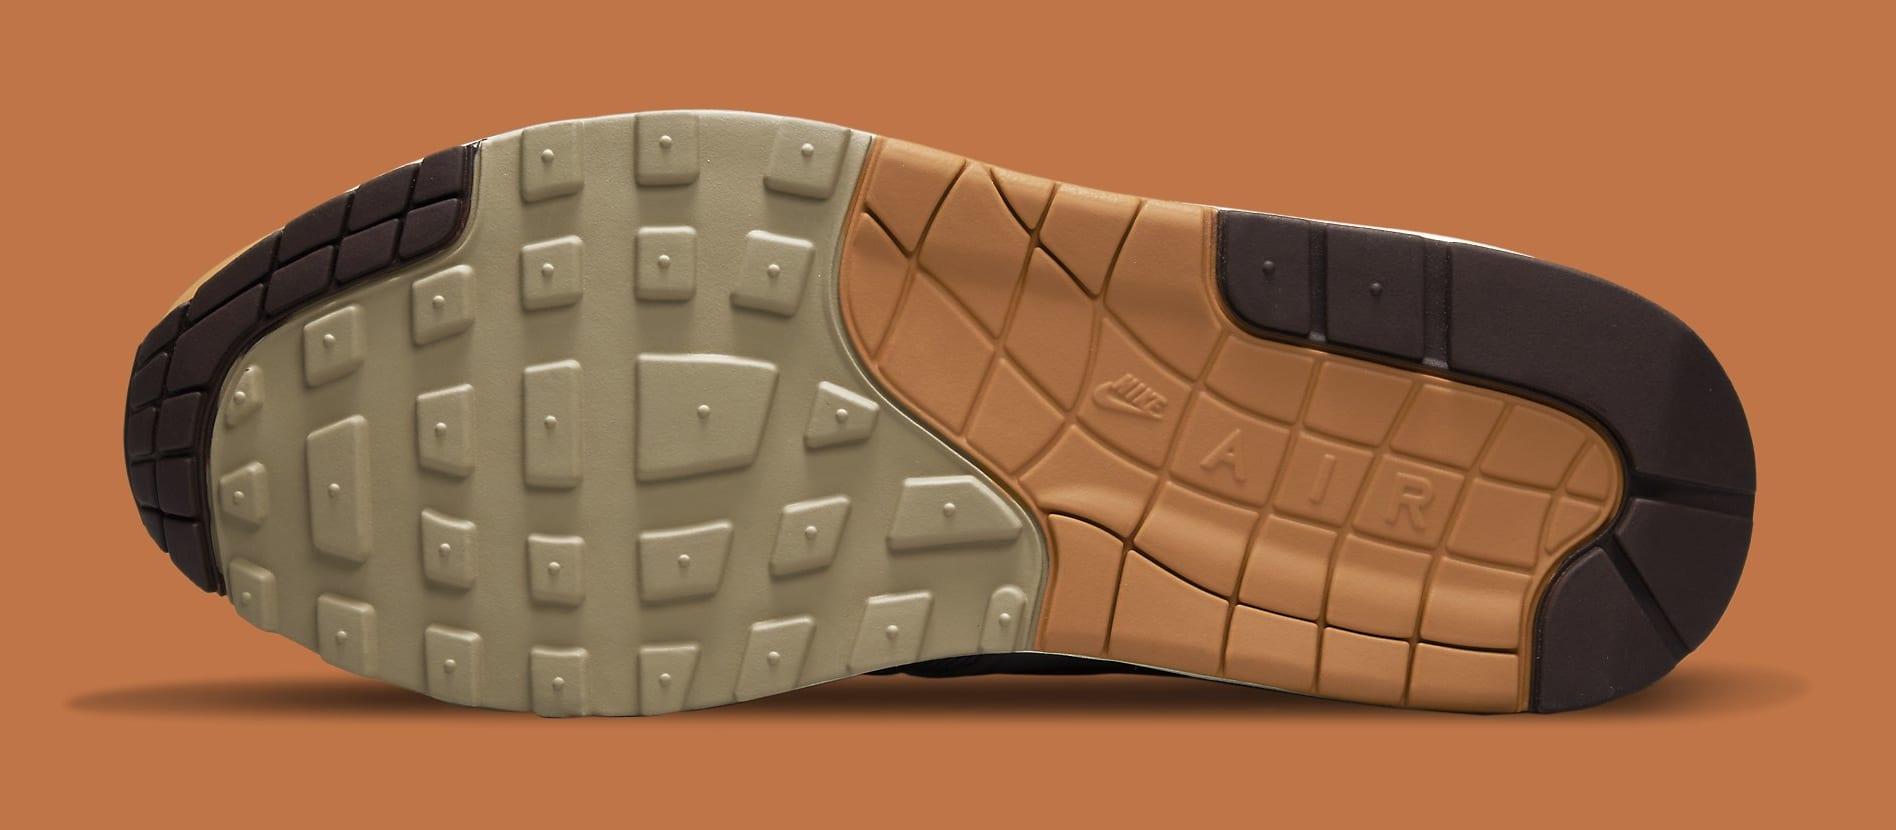 Patta x Nike Air Max 1 'Monarch' DH1348-001 Outsole